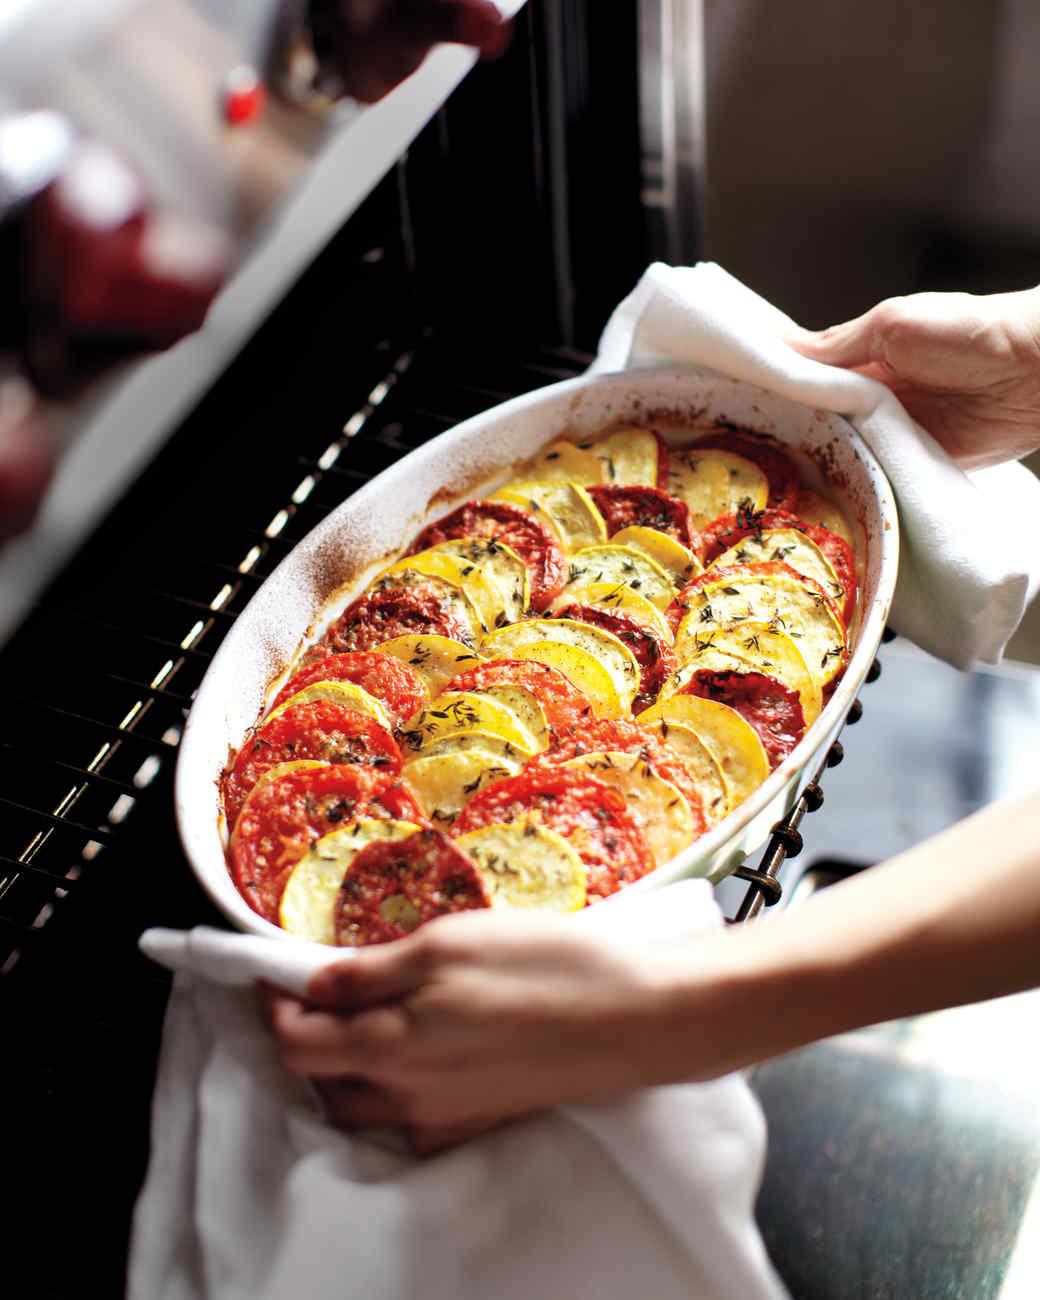 tomates-squash-0911mbd107510.jpg